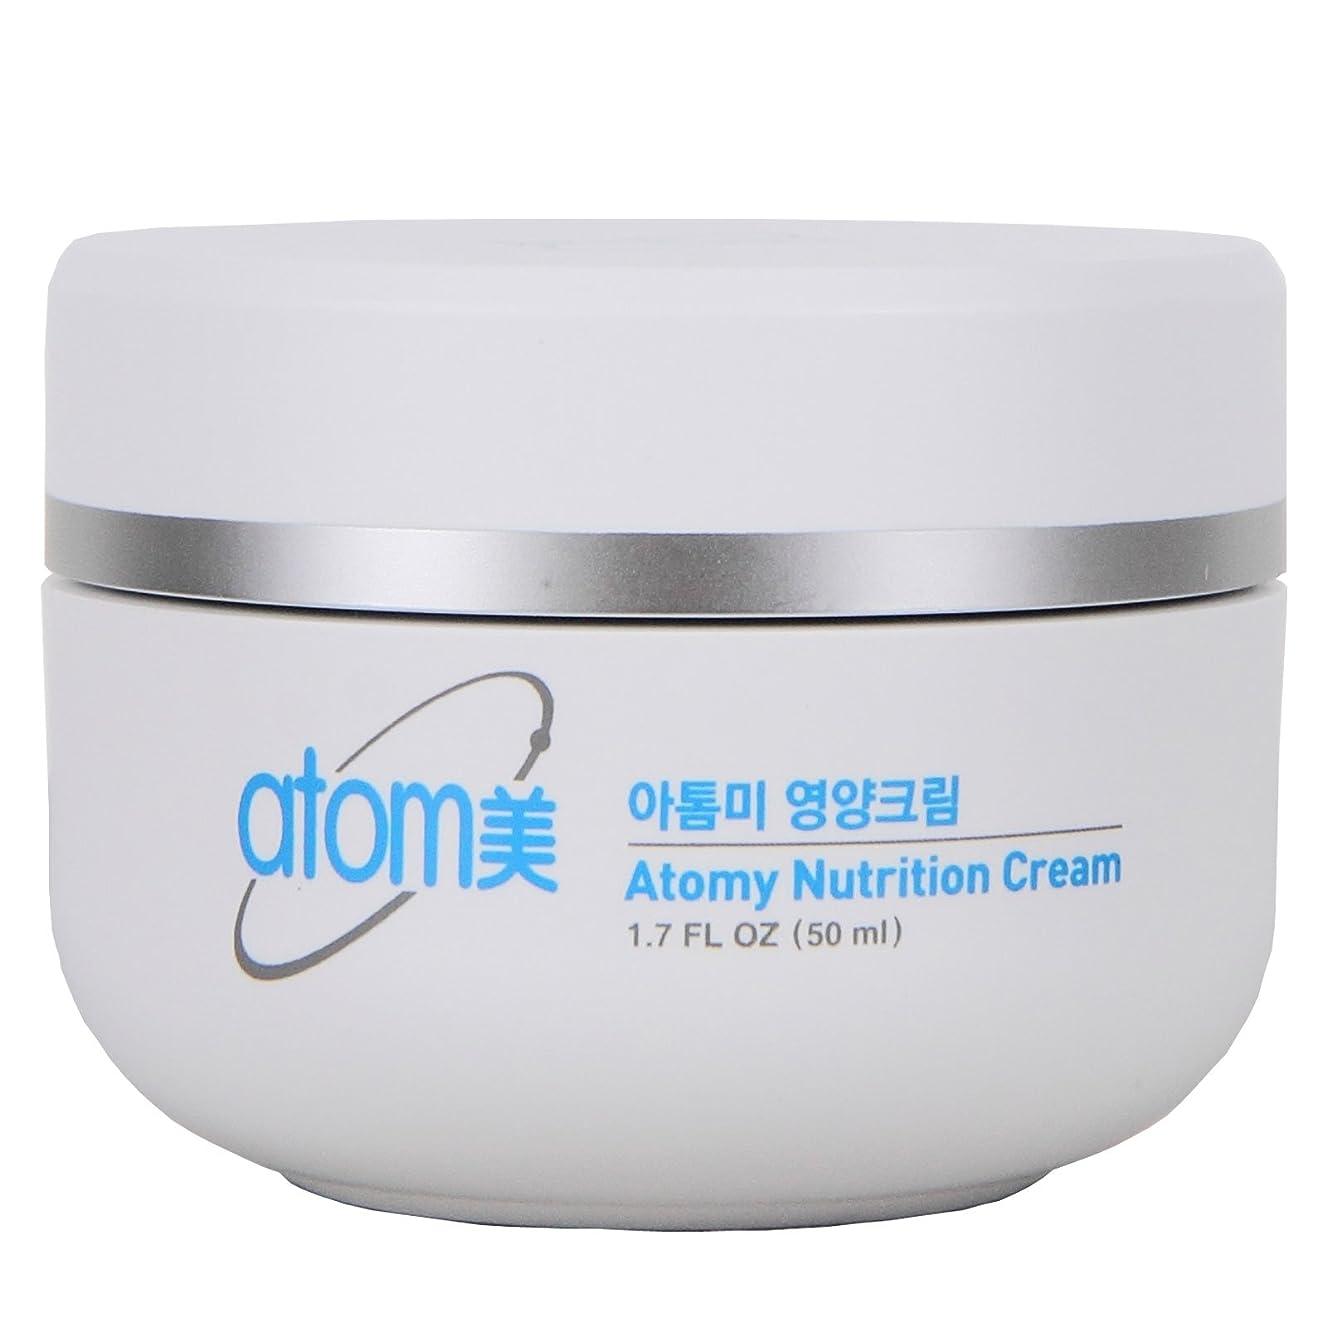 フィッティング法的海岸韓国コスメ Atom美 アトミ クリーム ■ナチュラルコスメ